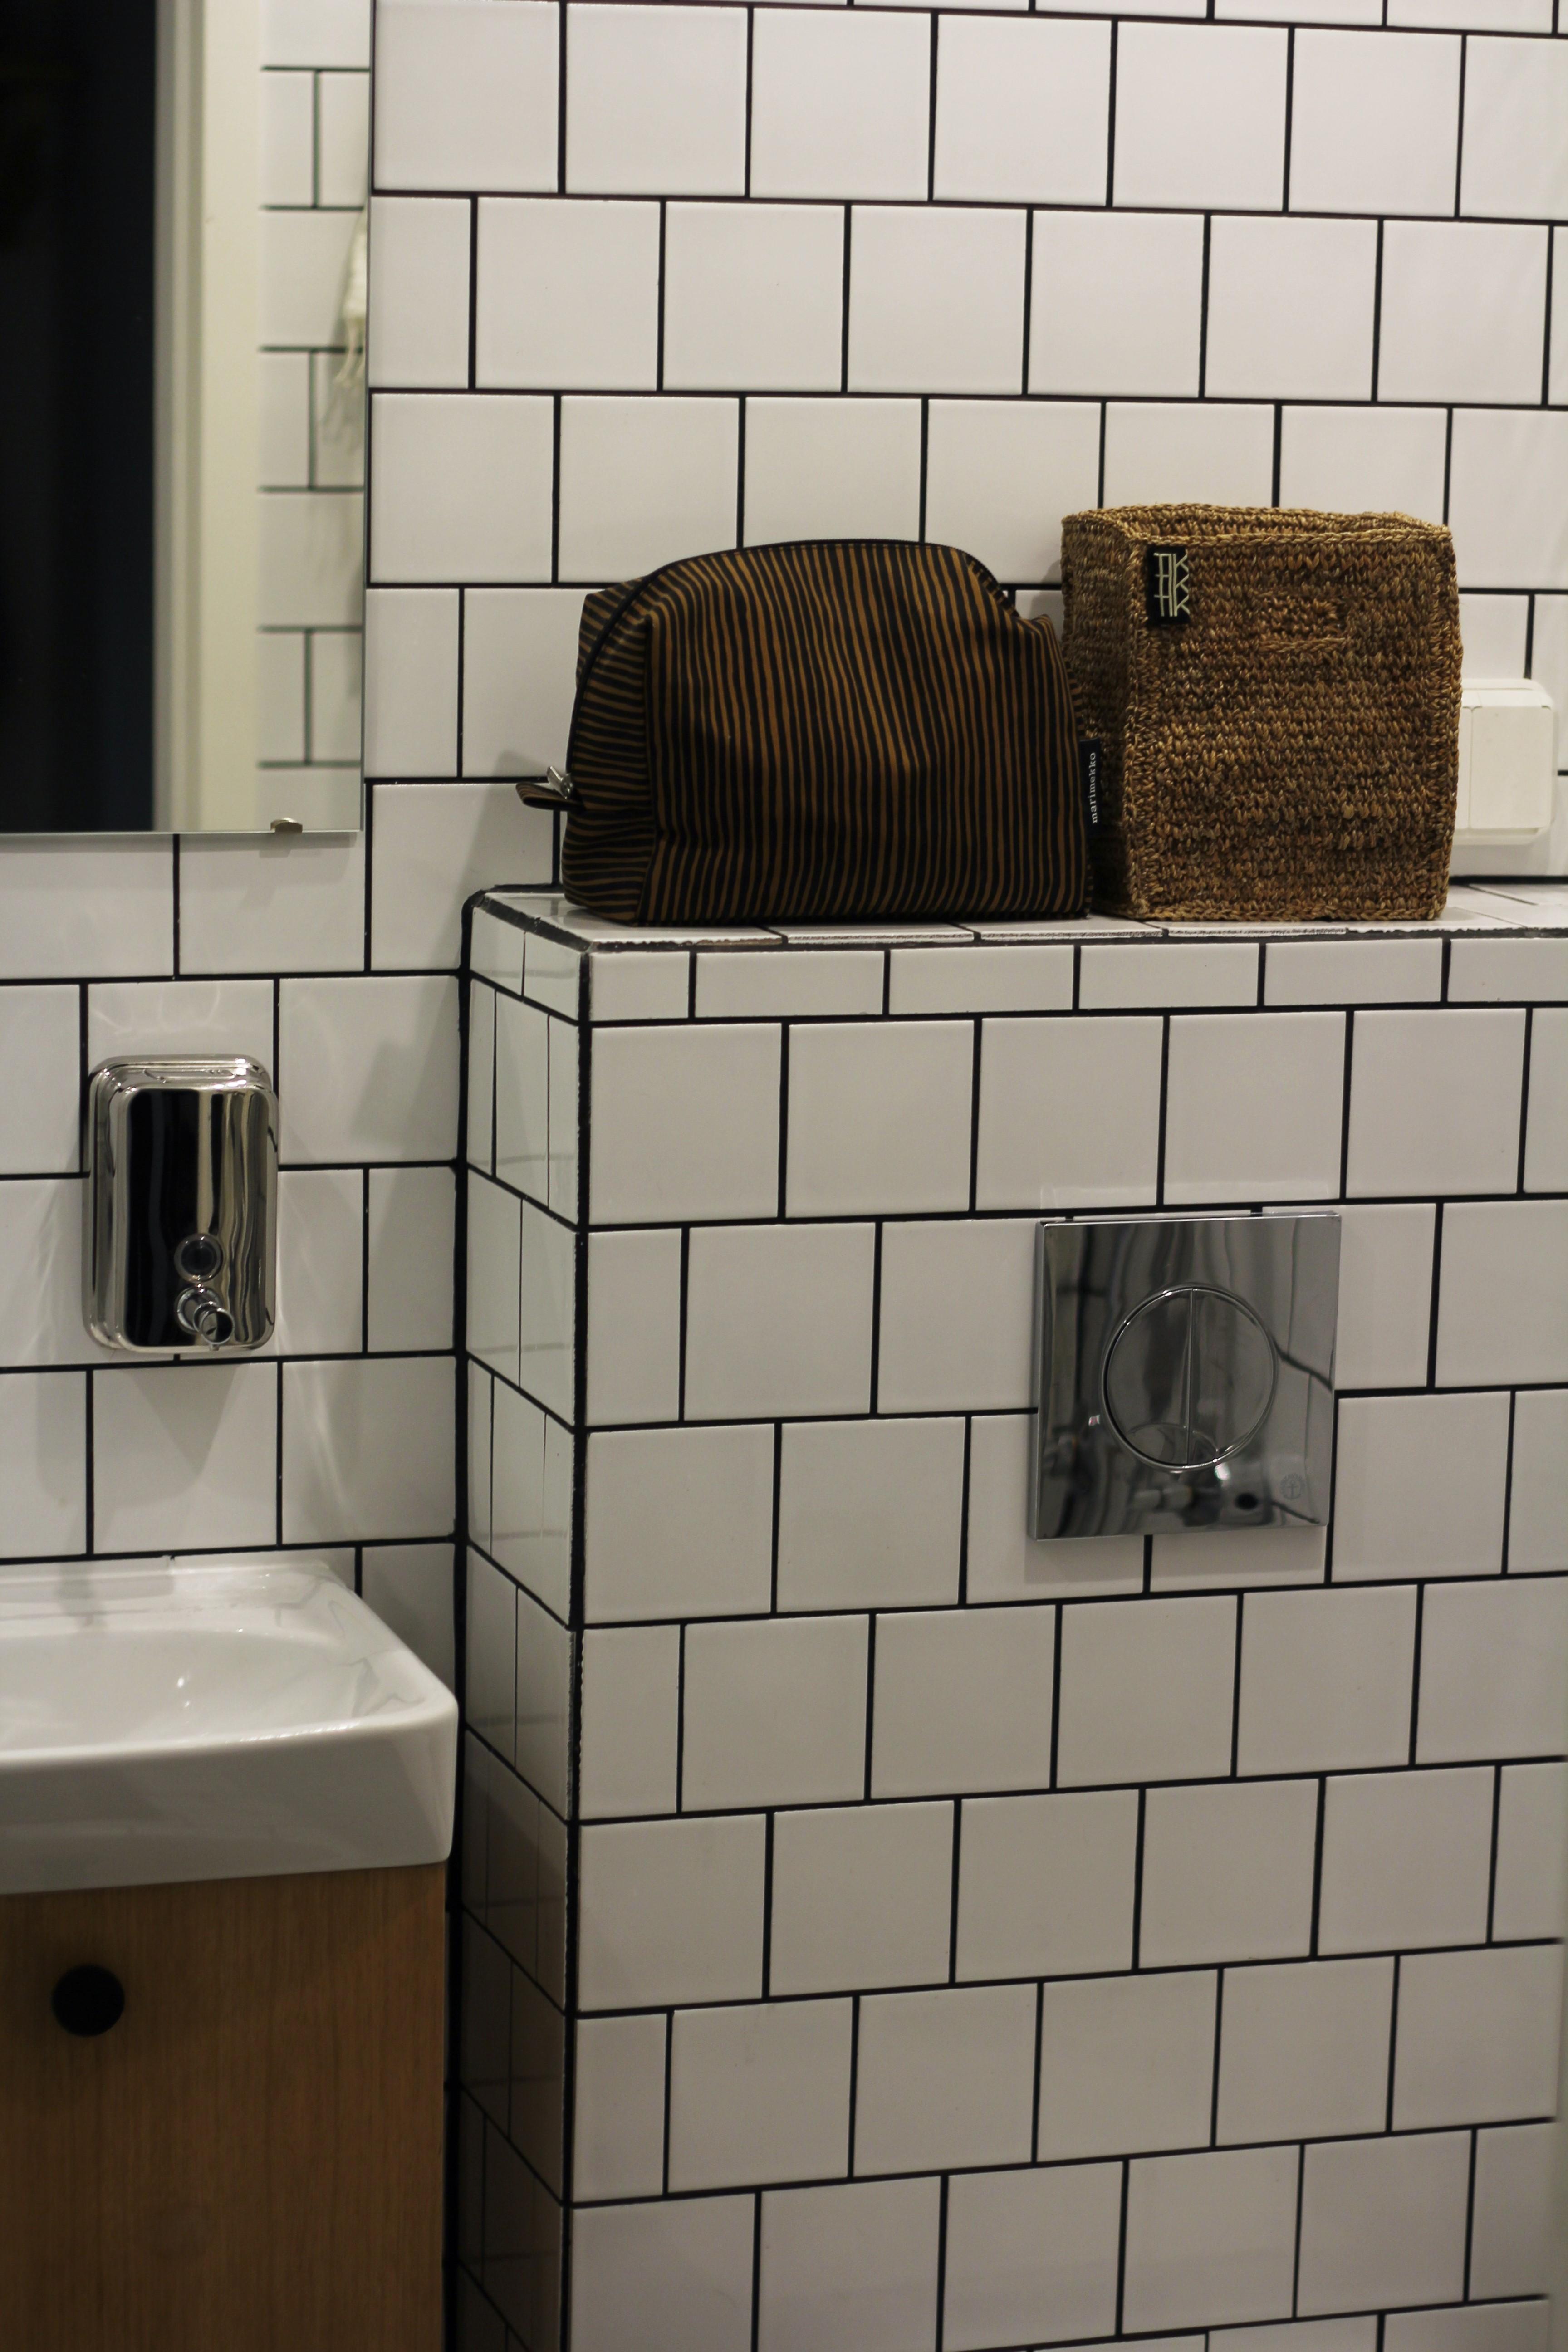 Seinä WC:n koteloinnin päälle on tulossa pari allaskaapille. Kaapin saapumiseen asti päivittäiset kosmetiikkatarvikkeet säilytetään Marimekon pussissa ja Tikaun korissa.